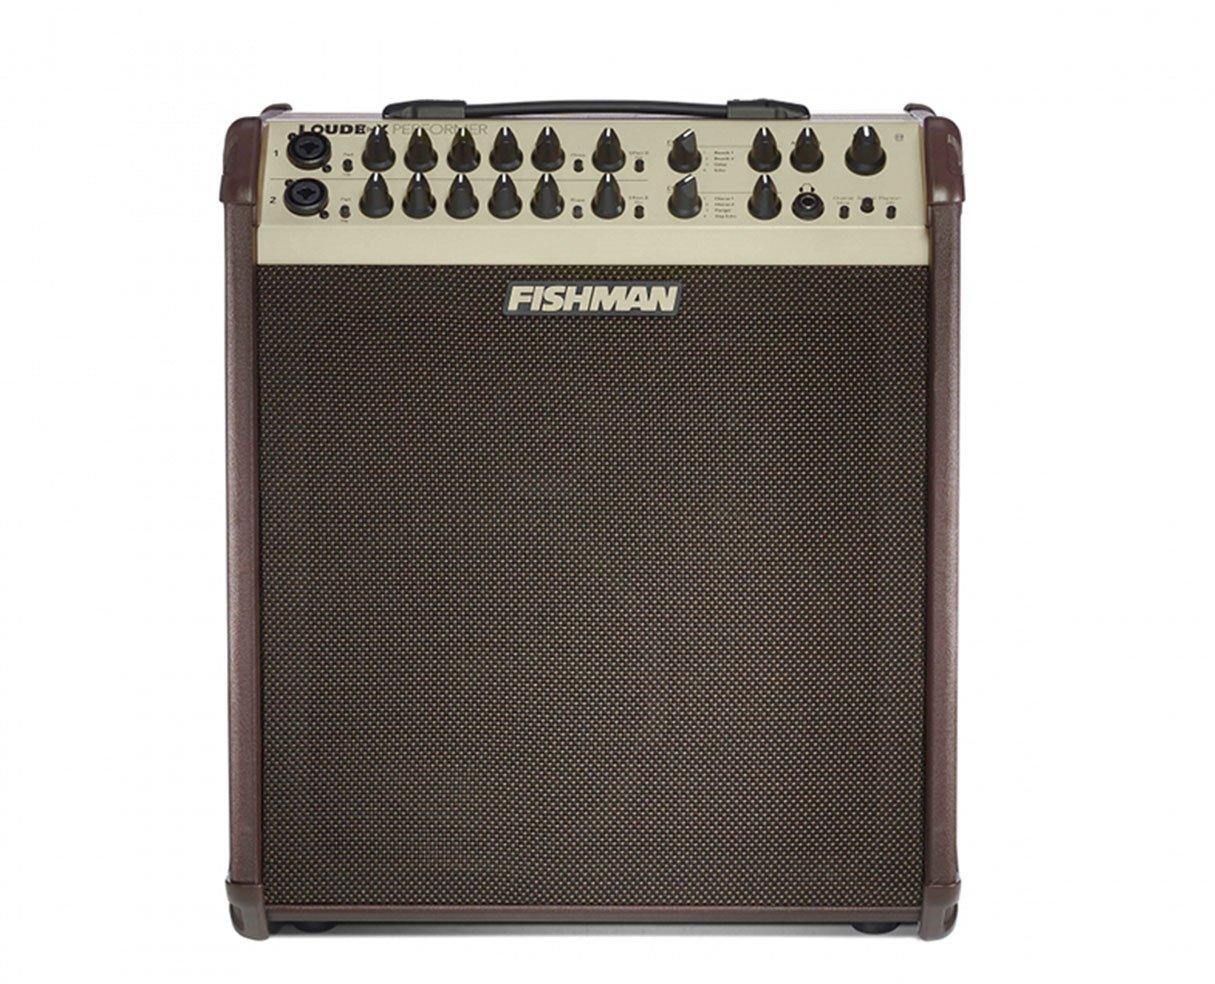 Fishman Loudbox Performer - 120 watts